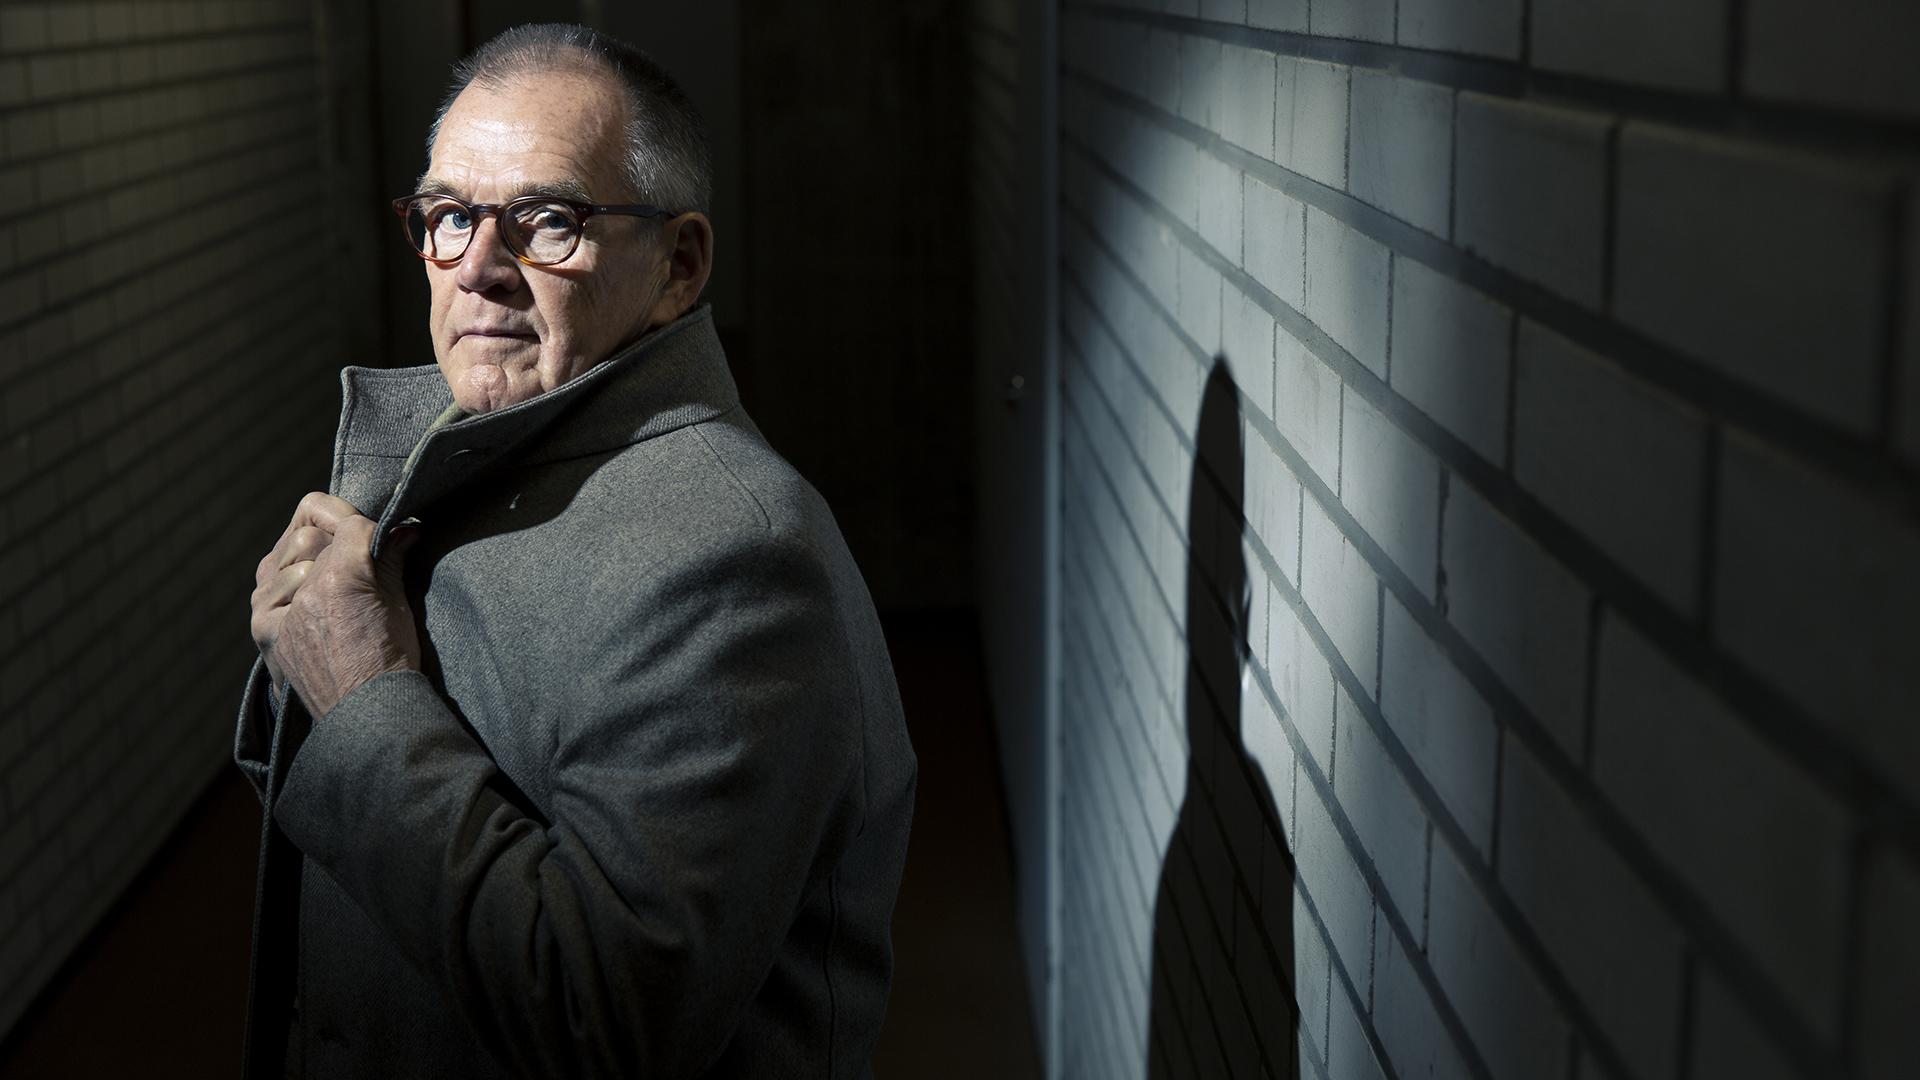 Viestintädelegaatti Hannu-Pekka Laiho, 70, työskennellyt vuosia Kansainvälisen Punaisen Ristin palveluksessa.